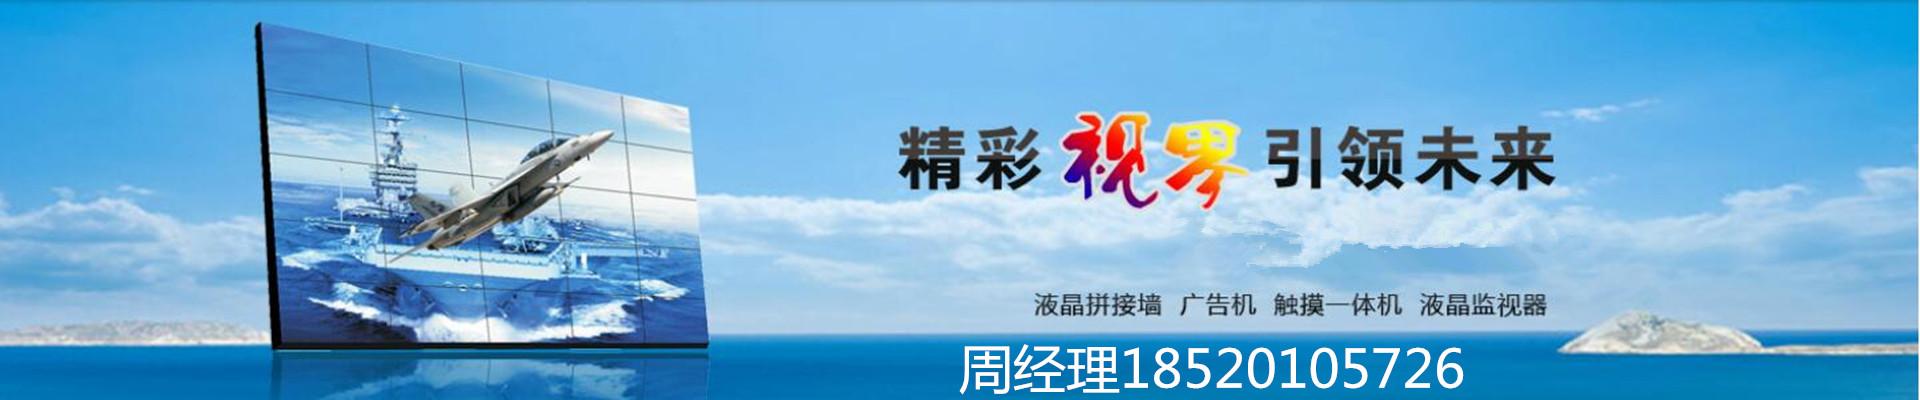 广州微达知科技有限公司